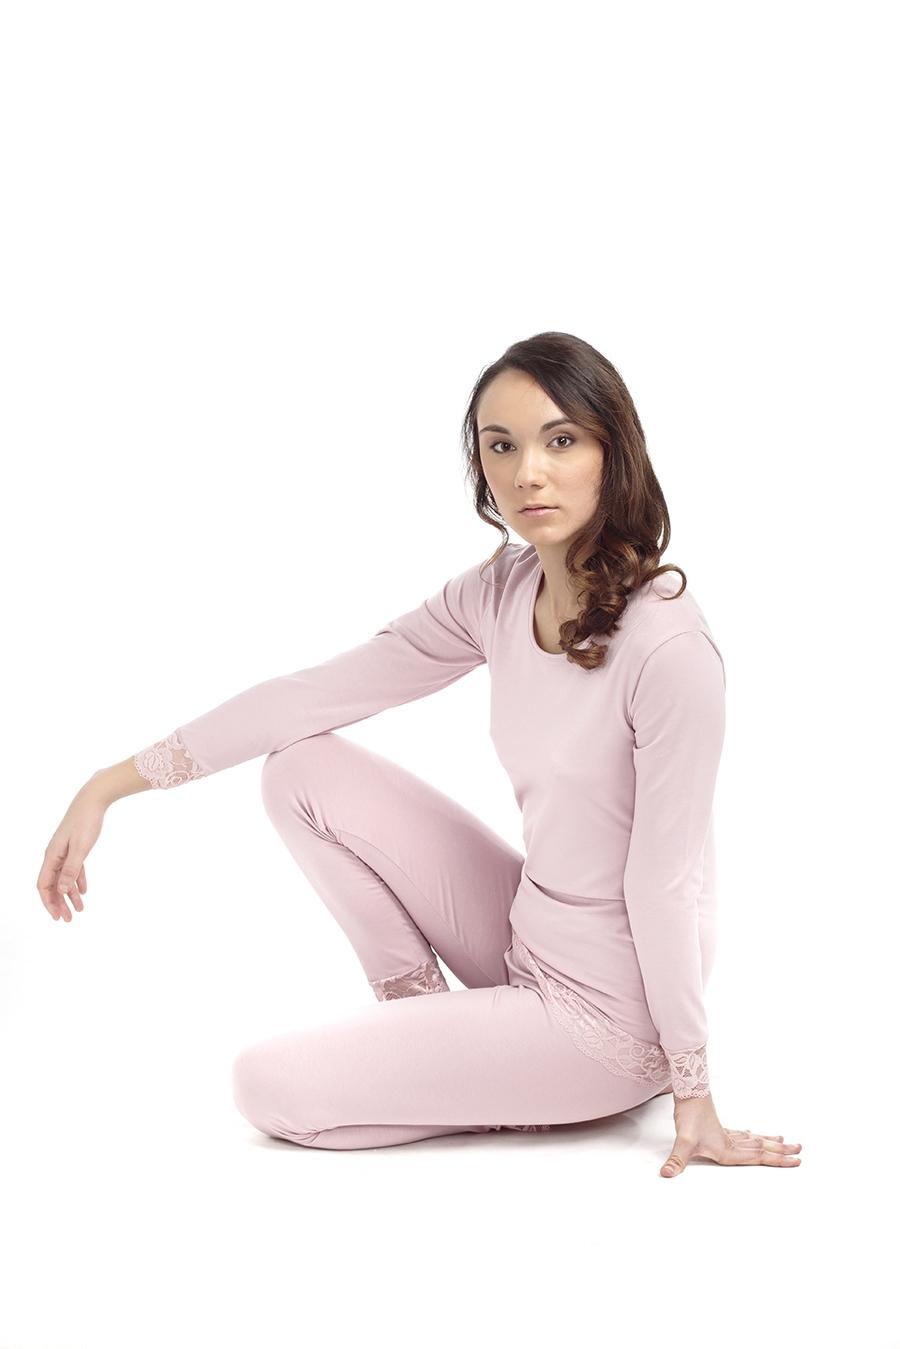 ART. PG06 Pigiama donna con maglia maniche lunghe con rifiniture in pizzo e pantaloni lunghi con rifiniture in pizzo